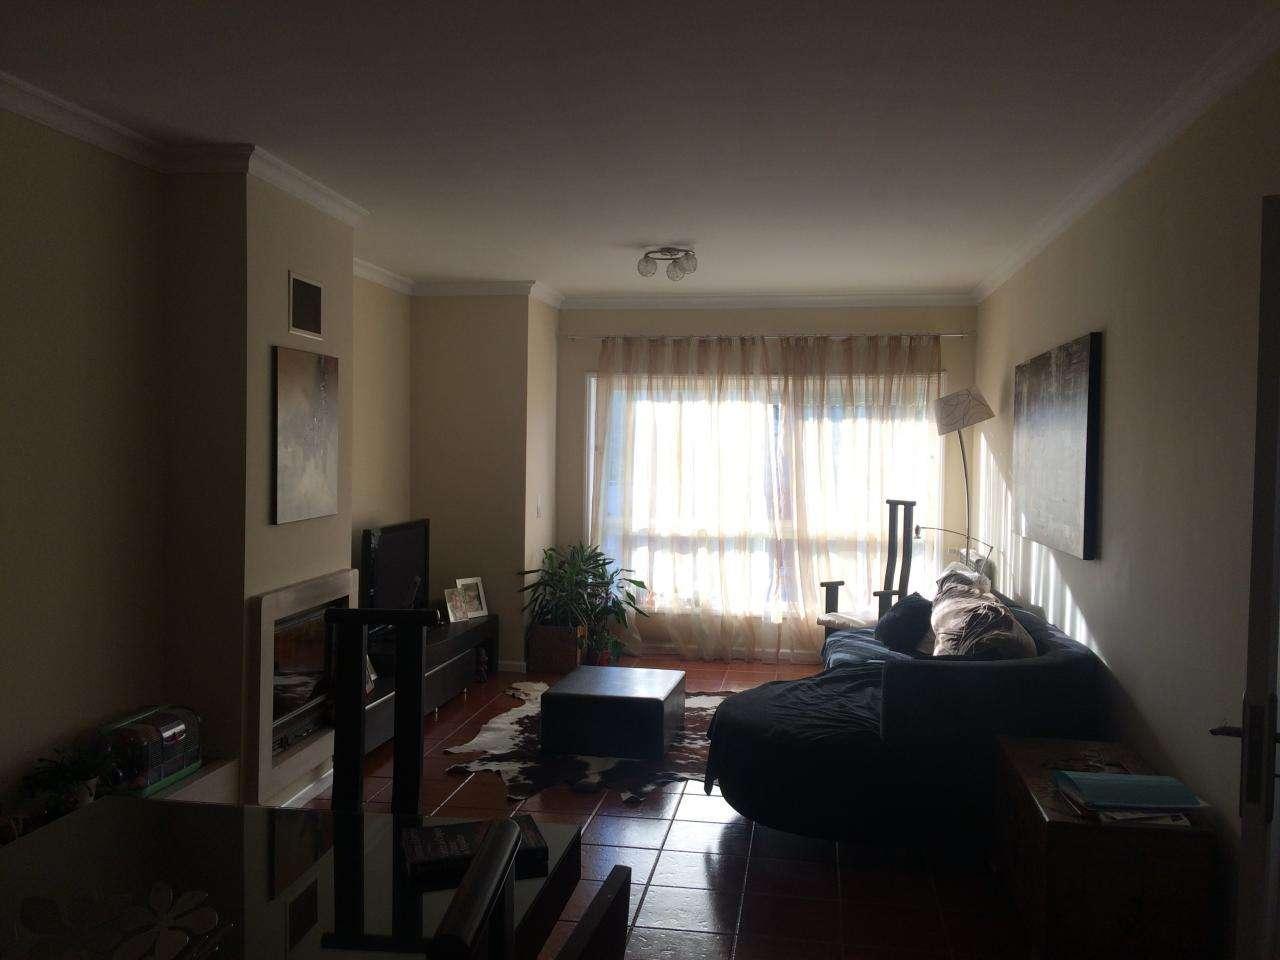 Apartamento para comprar, São Mamede de Infesta e Senhora da Hora, Matosinhos, Porto - Foto 7